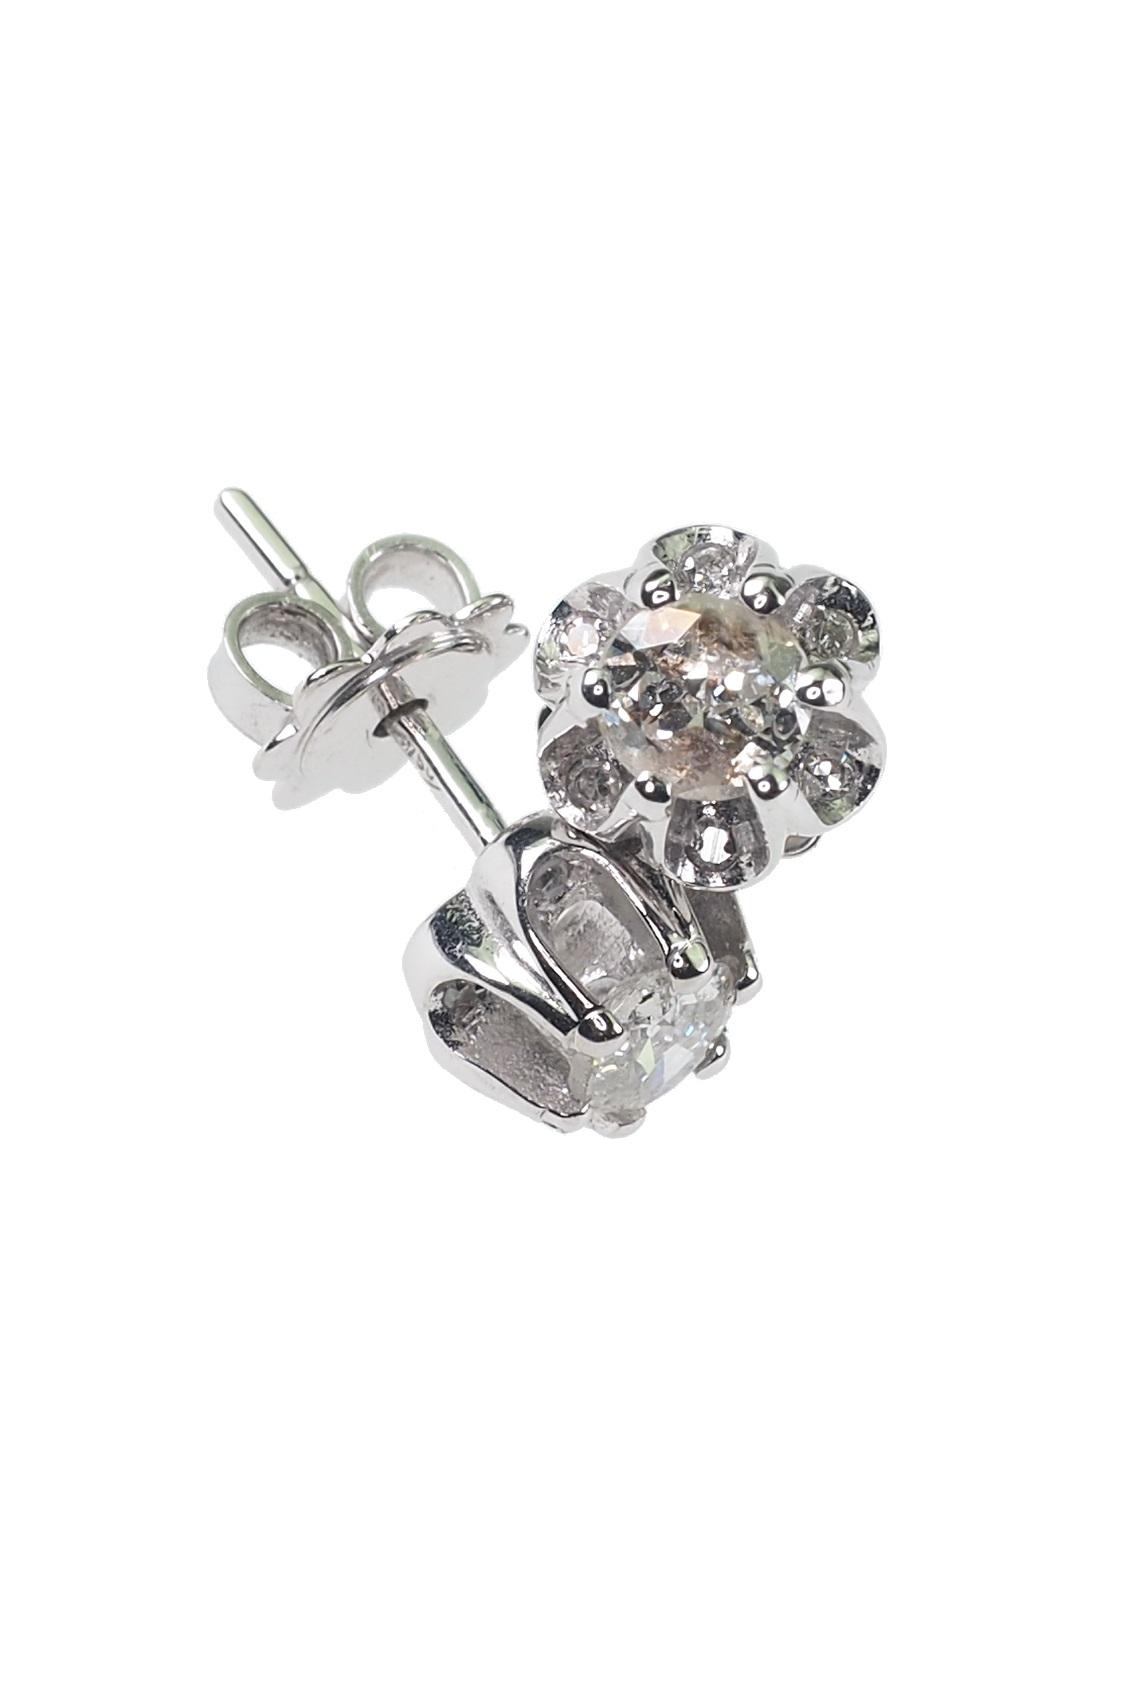 Ohrringe-als-Weihnachtsgeschenk-2349a